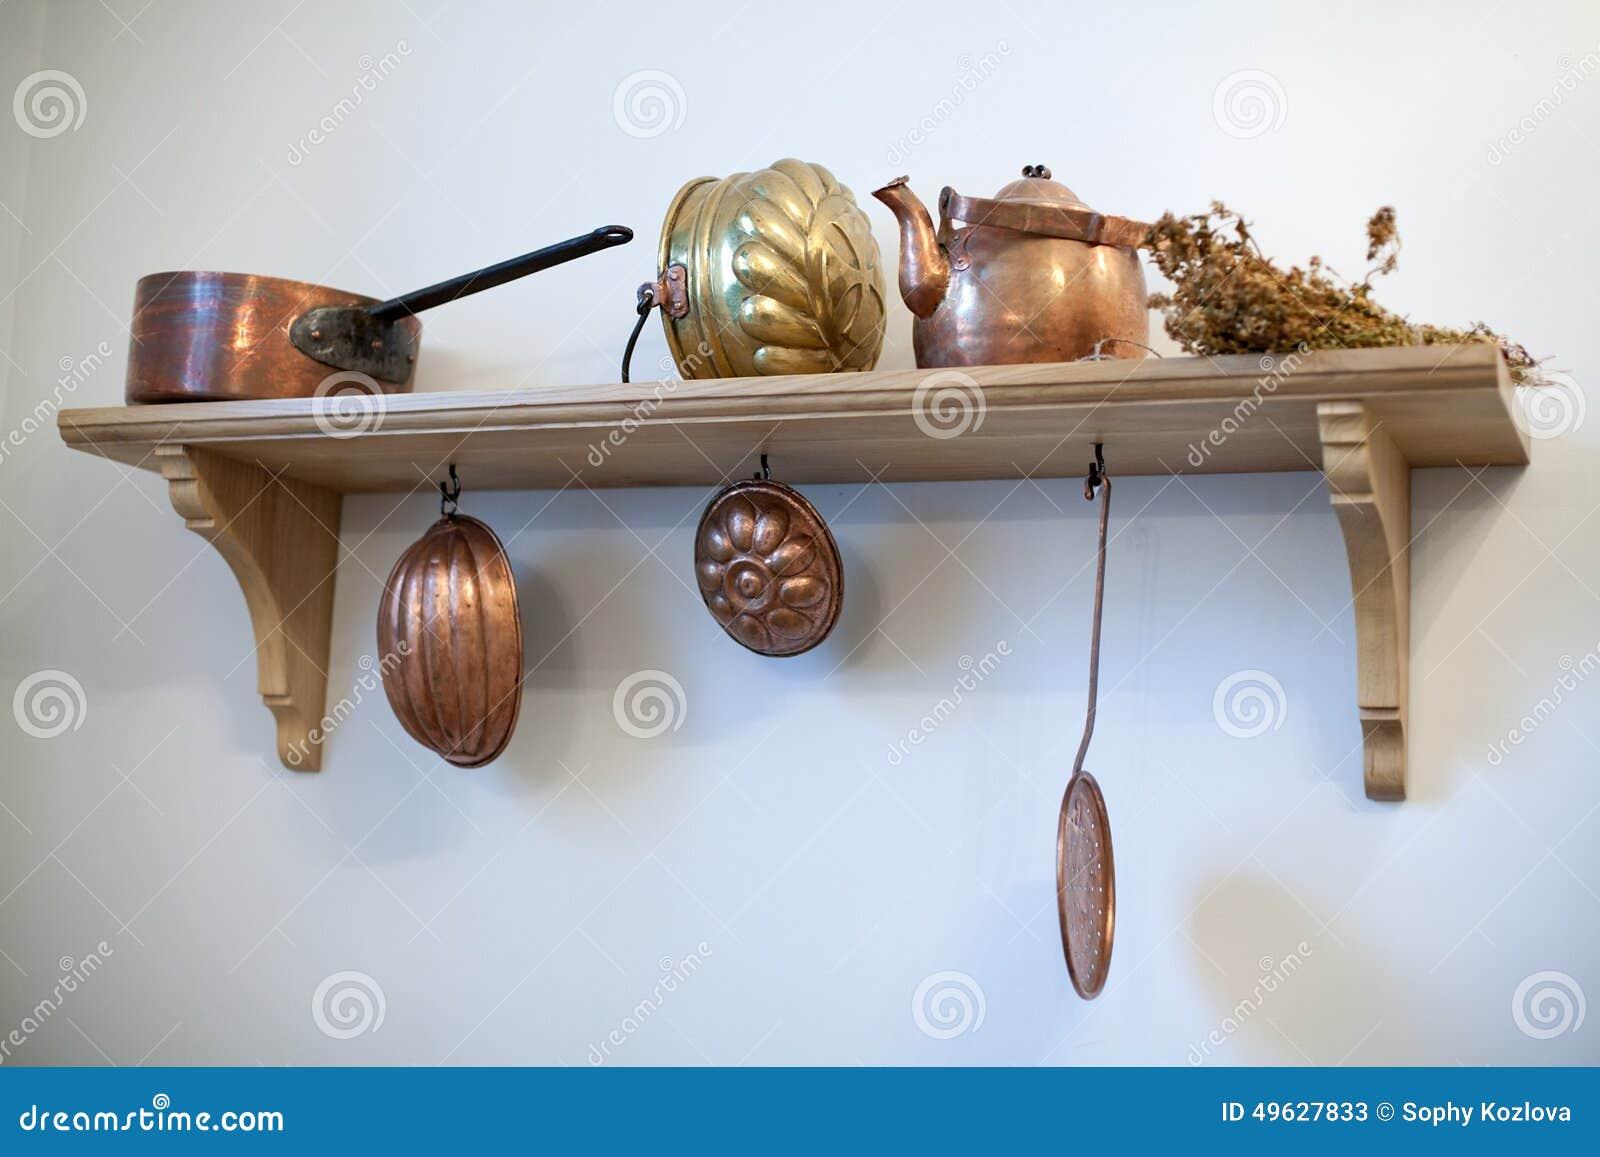 Tag re de cuisine avec de vieux ustensiles de cuivre - Vieux ustensiles de cuisine ...